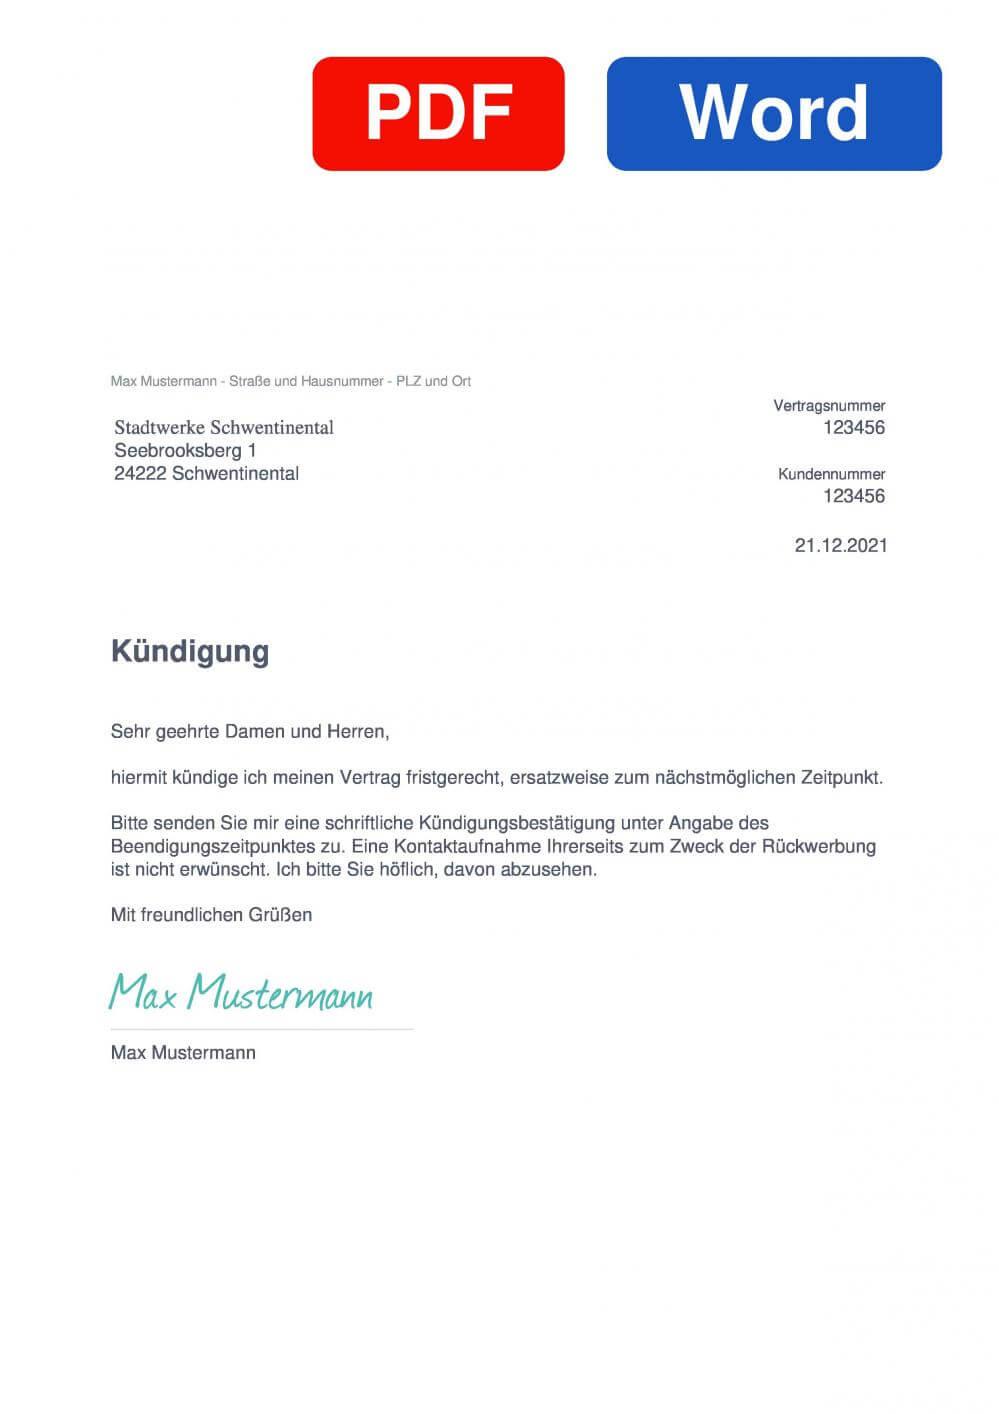 Stadtwerke Schwentinental Muster Vorlage für Kündigungsschreiben